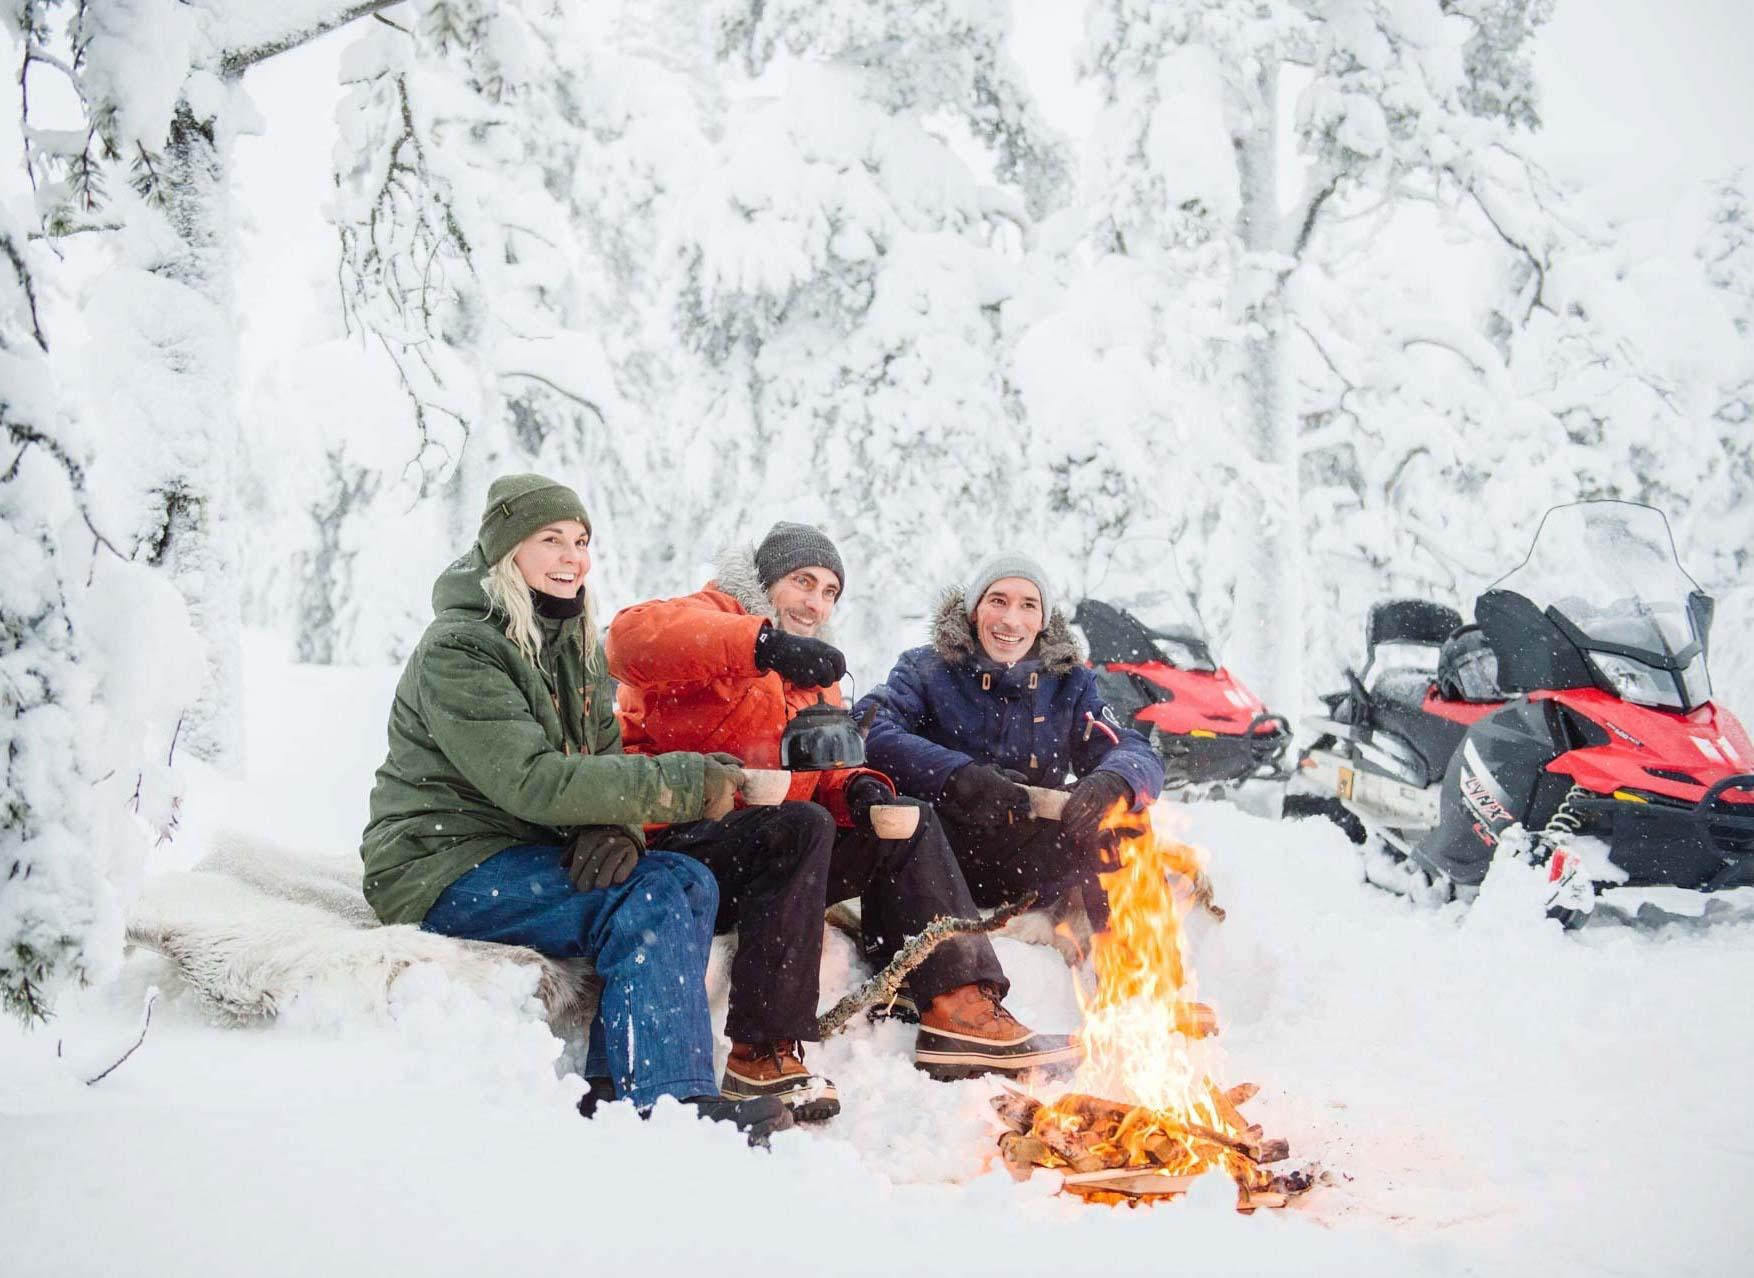 Pause dans les bois pour se réchauffer © Juho Kuva - VisitFinland